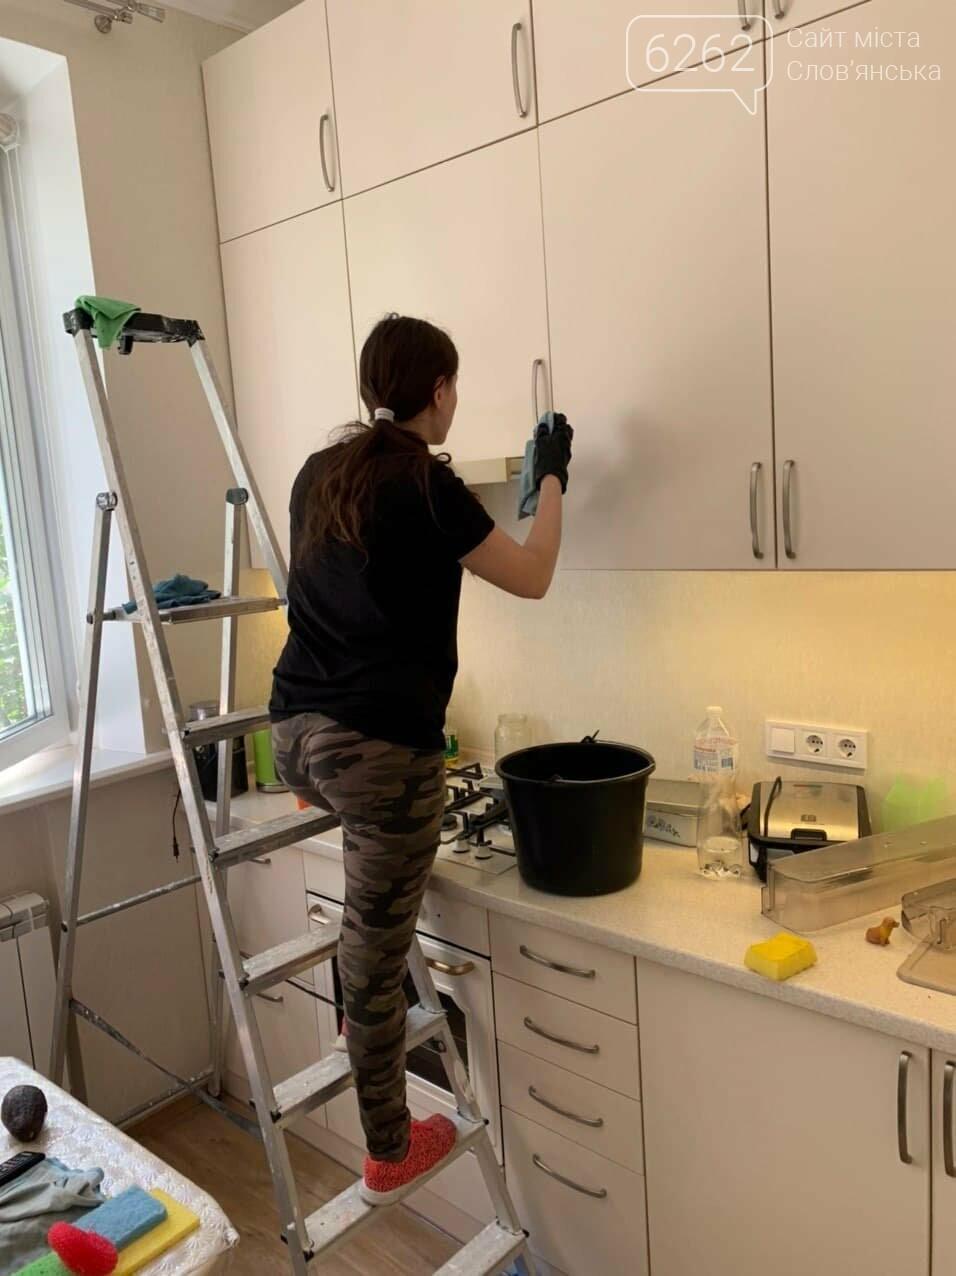 Професійне прибирання квартири за вигідною ціною, фото-1